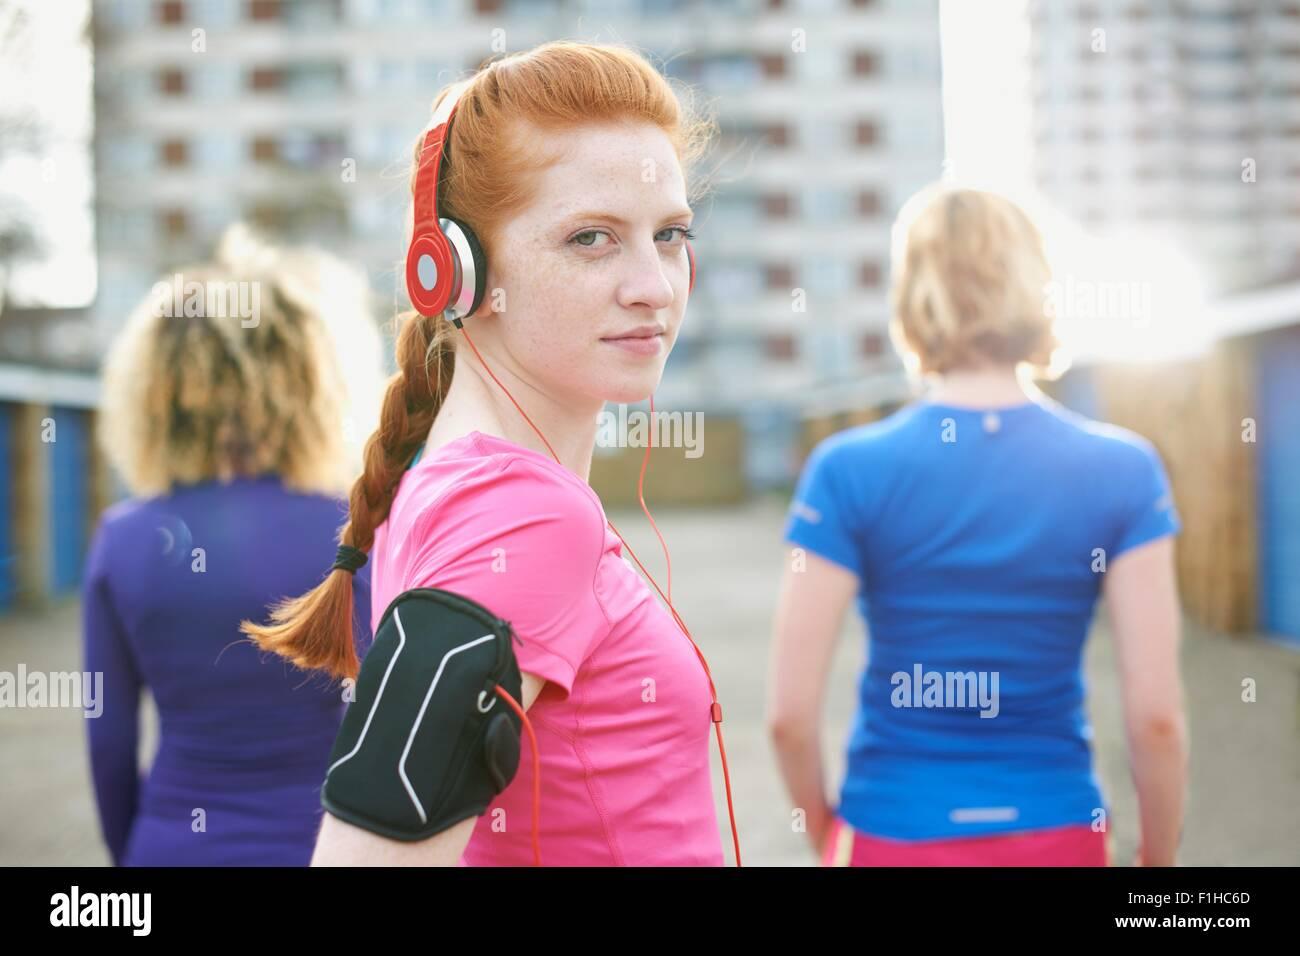 Retrato de mujer vistiendo auriculares y muñequera antes del ejercicio mirando por encima del hombro a la cámara Foto de stock